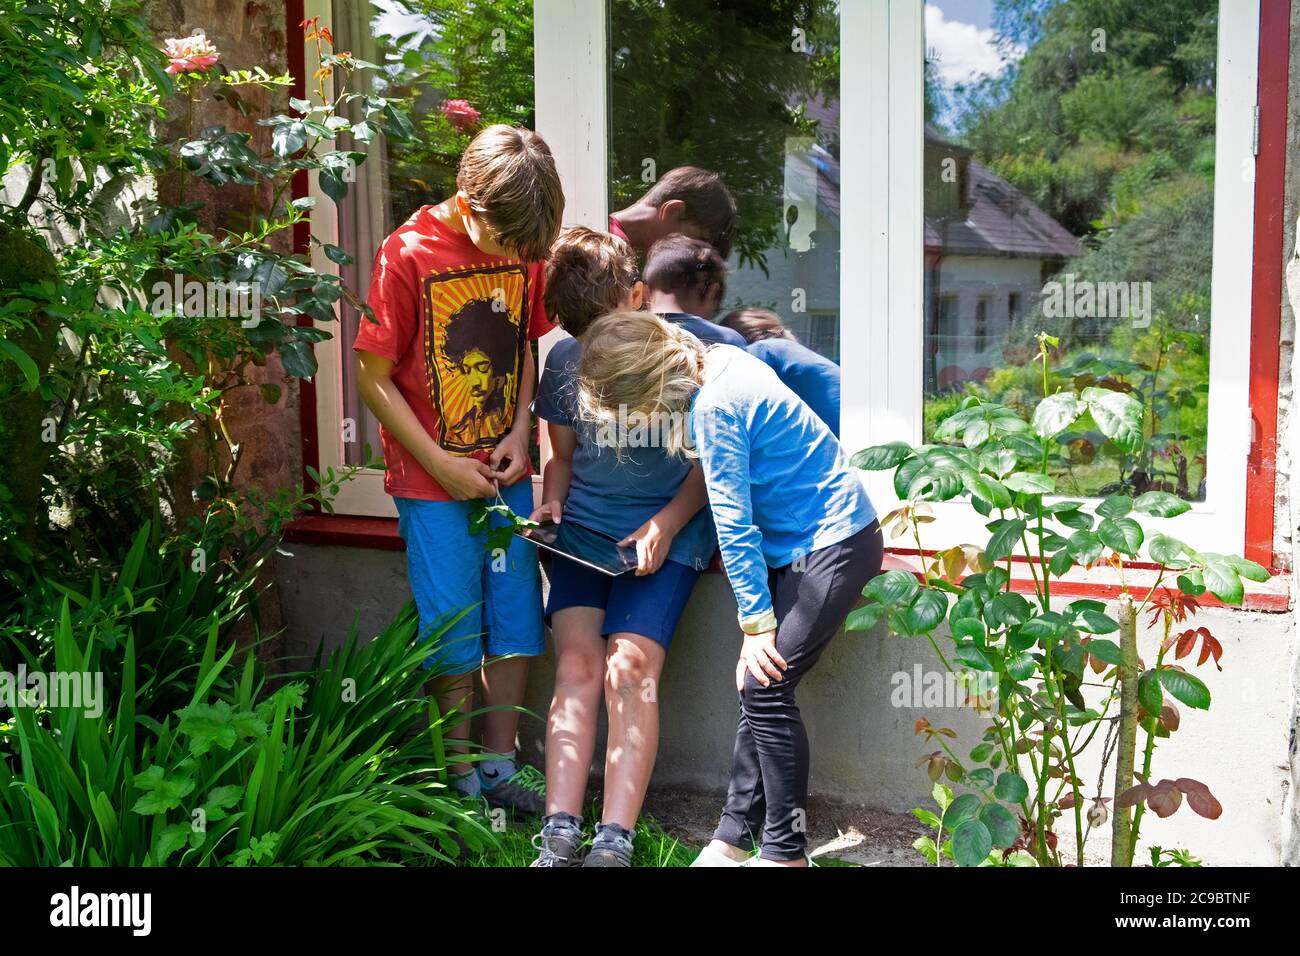 Bambini amici bambini giocare gioco su ipad su staycation in campagna dopo il blocco Covid 19 è allevato Carmarthensshire Galles UK KATHY DEWITT Foto Stock